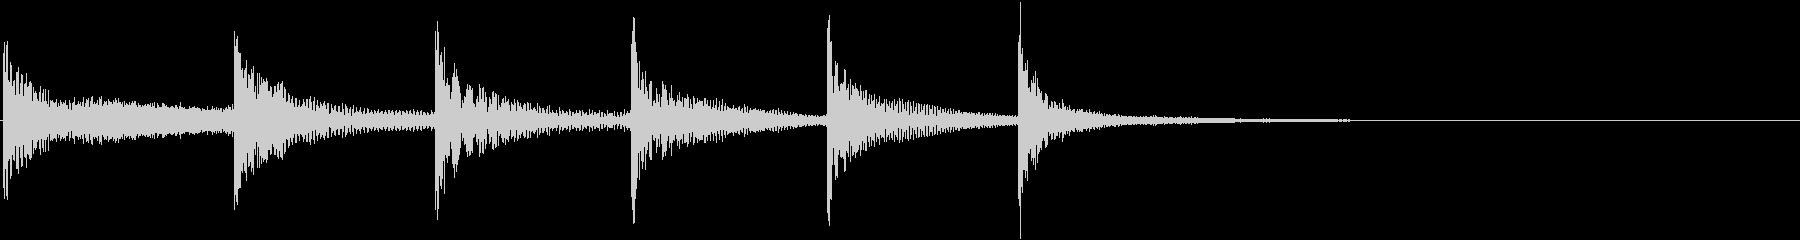 ティンパニ:ライジングボーイズスロ...の未再生の波形